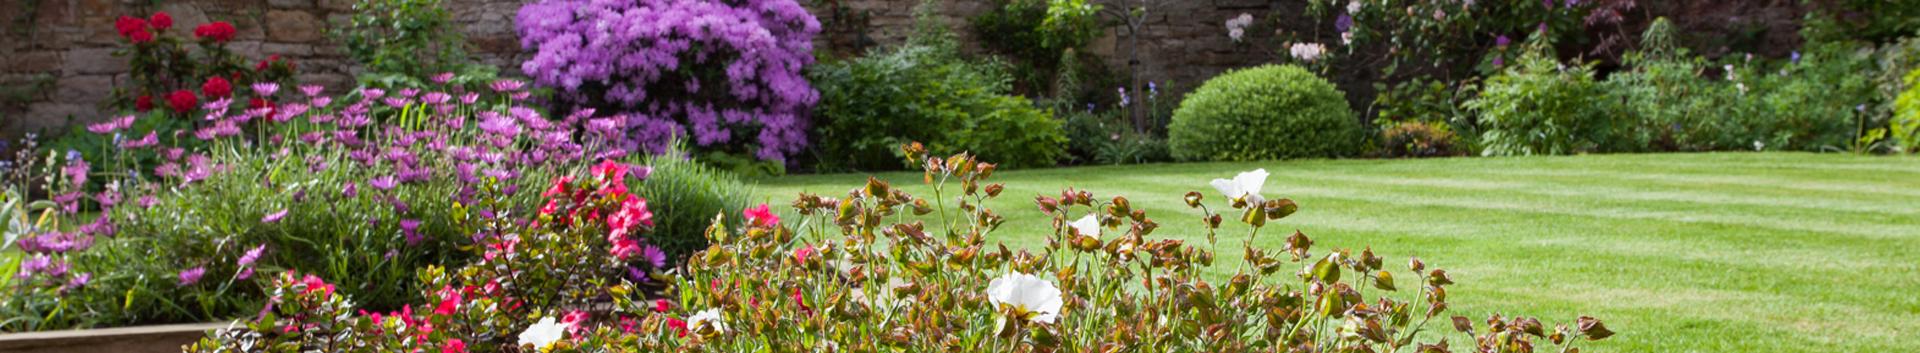 A Sunny Walled Garden